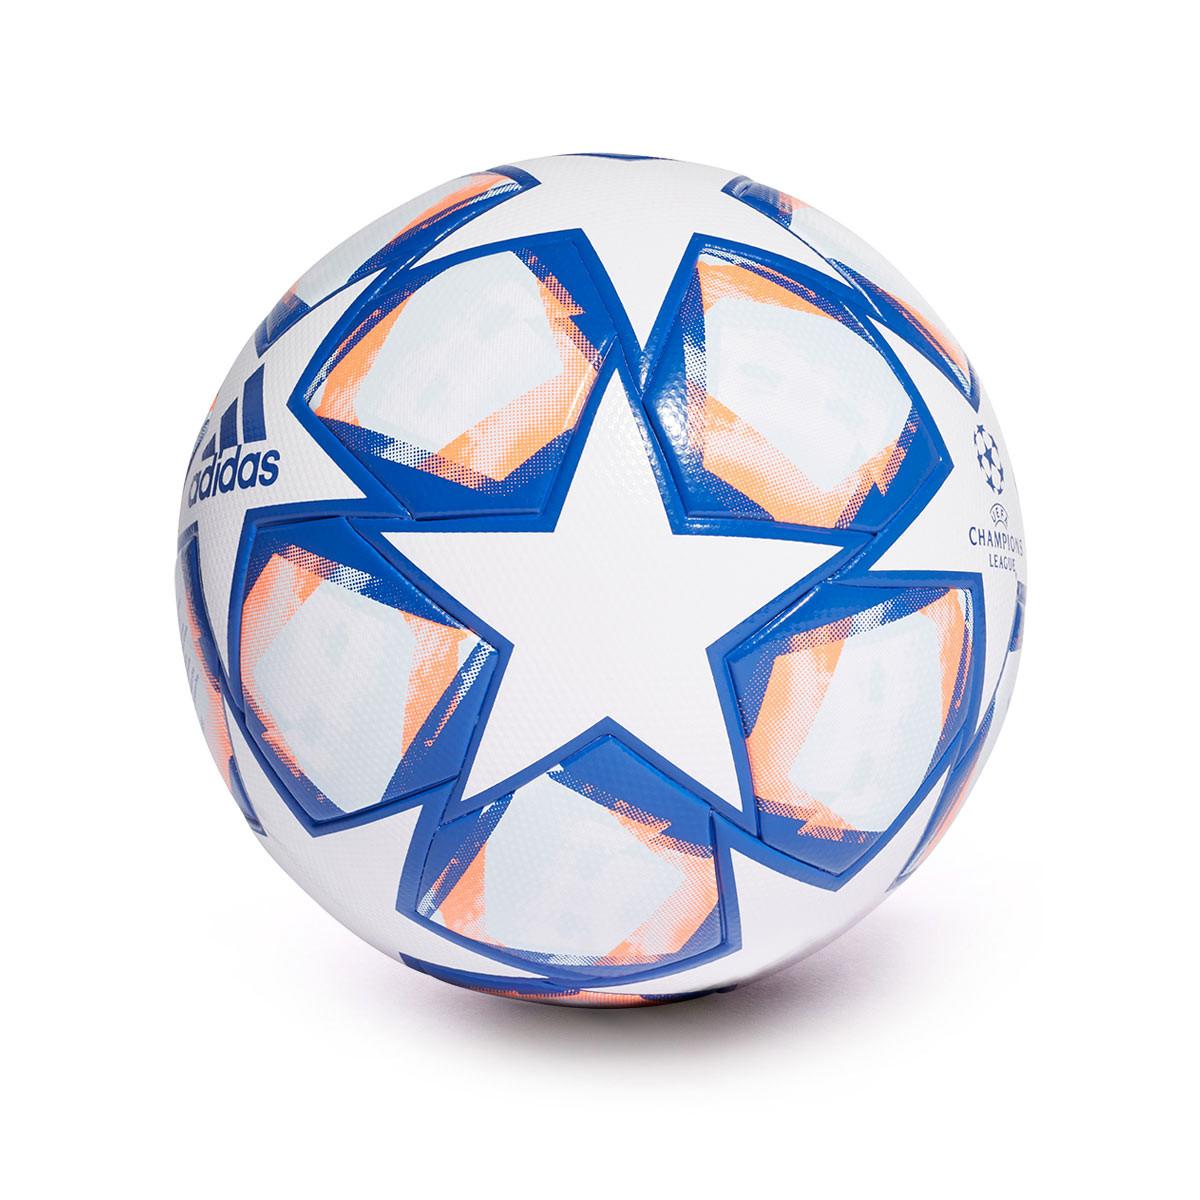 el viento es fuerte Descenso repentino Sillón  Balón adidas Finale 20 League Champions League White-Team royal blue-Signal  coral-Sky tint - Tienda de fútbol Fútbol Emotion